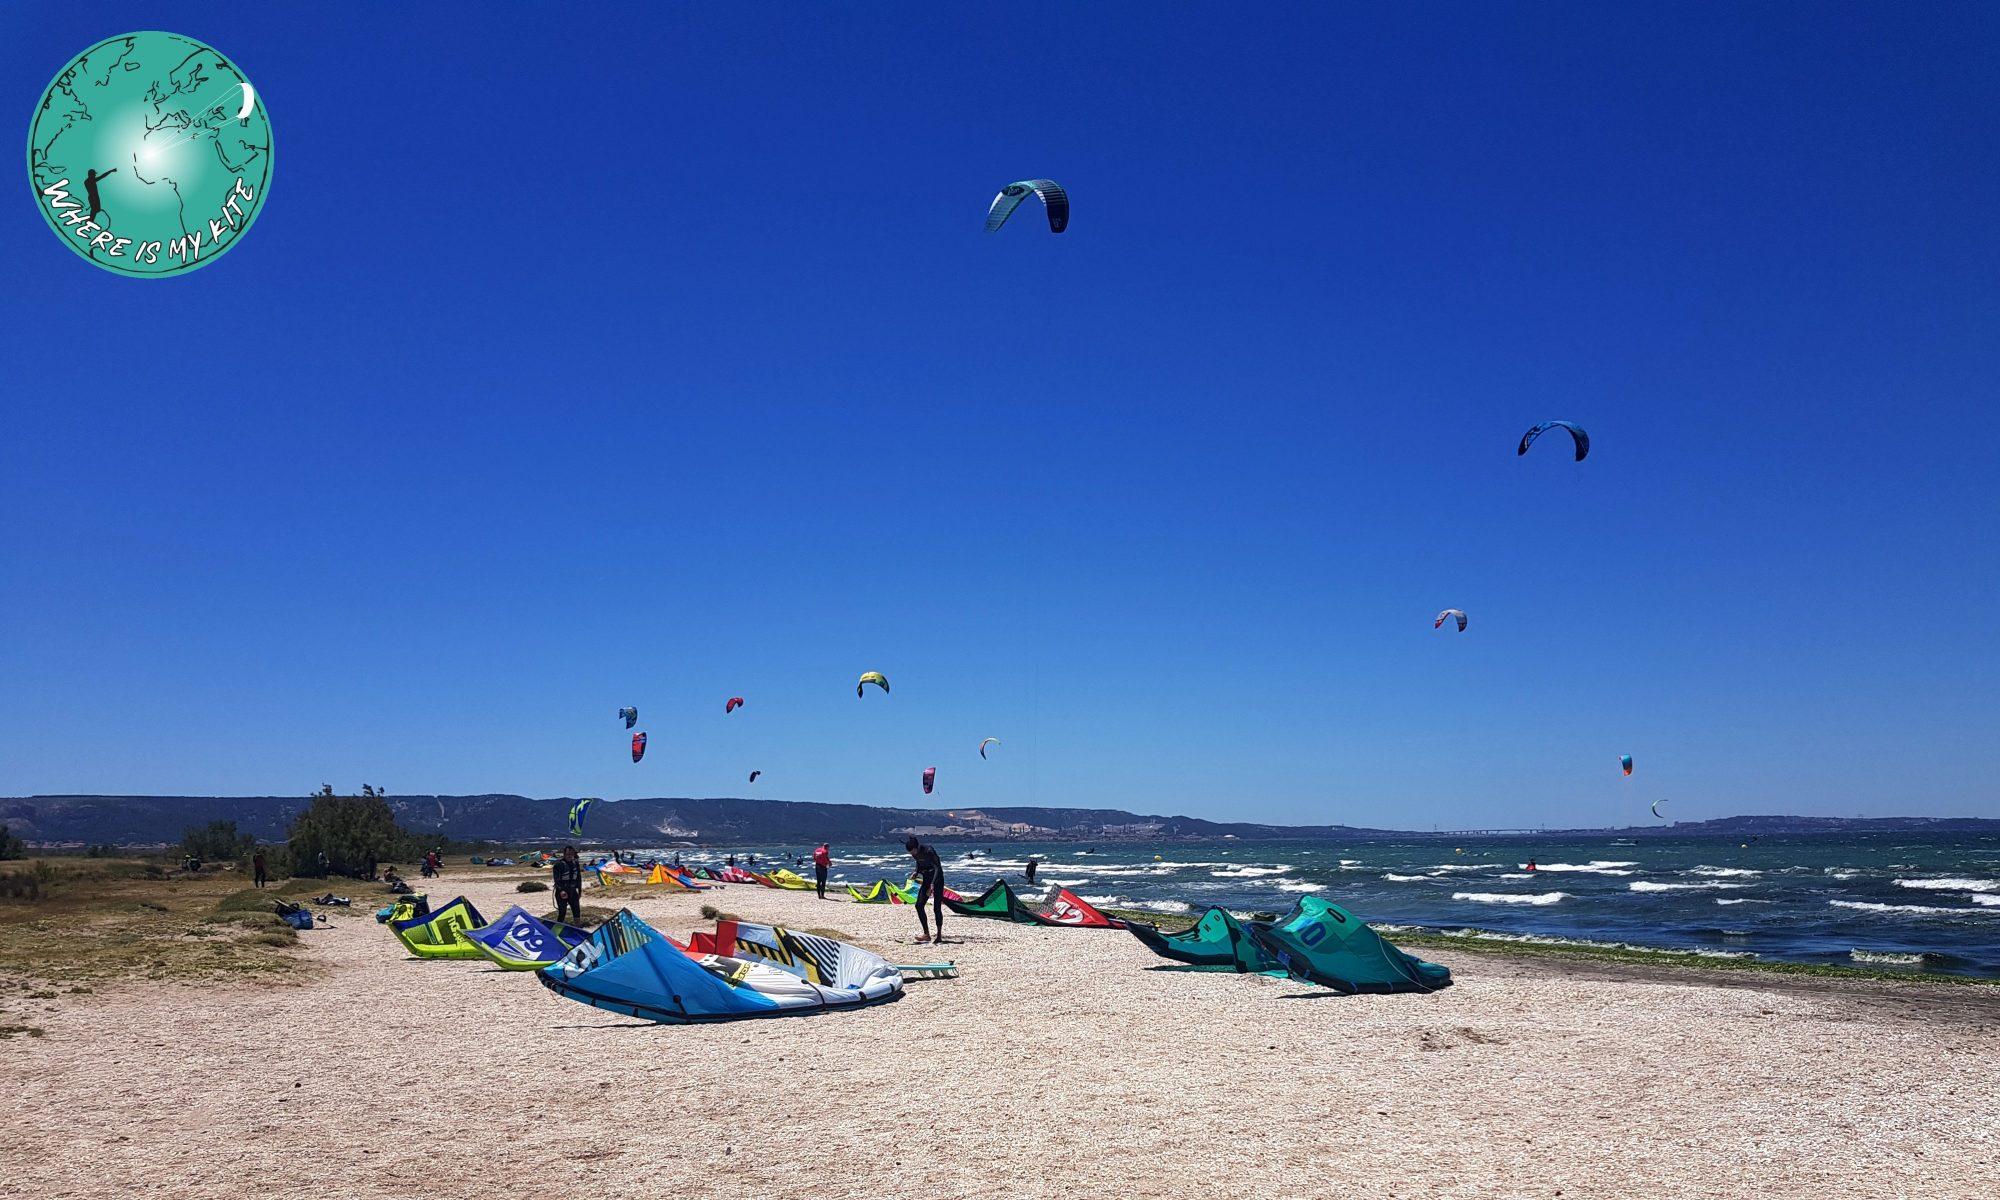 Spot de kite décollage le Jai en France, kitesurf vantrip